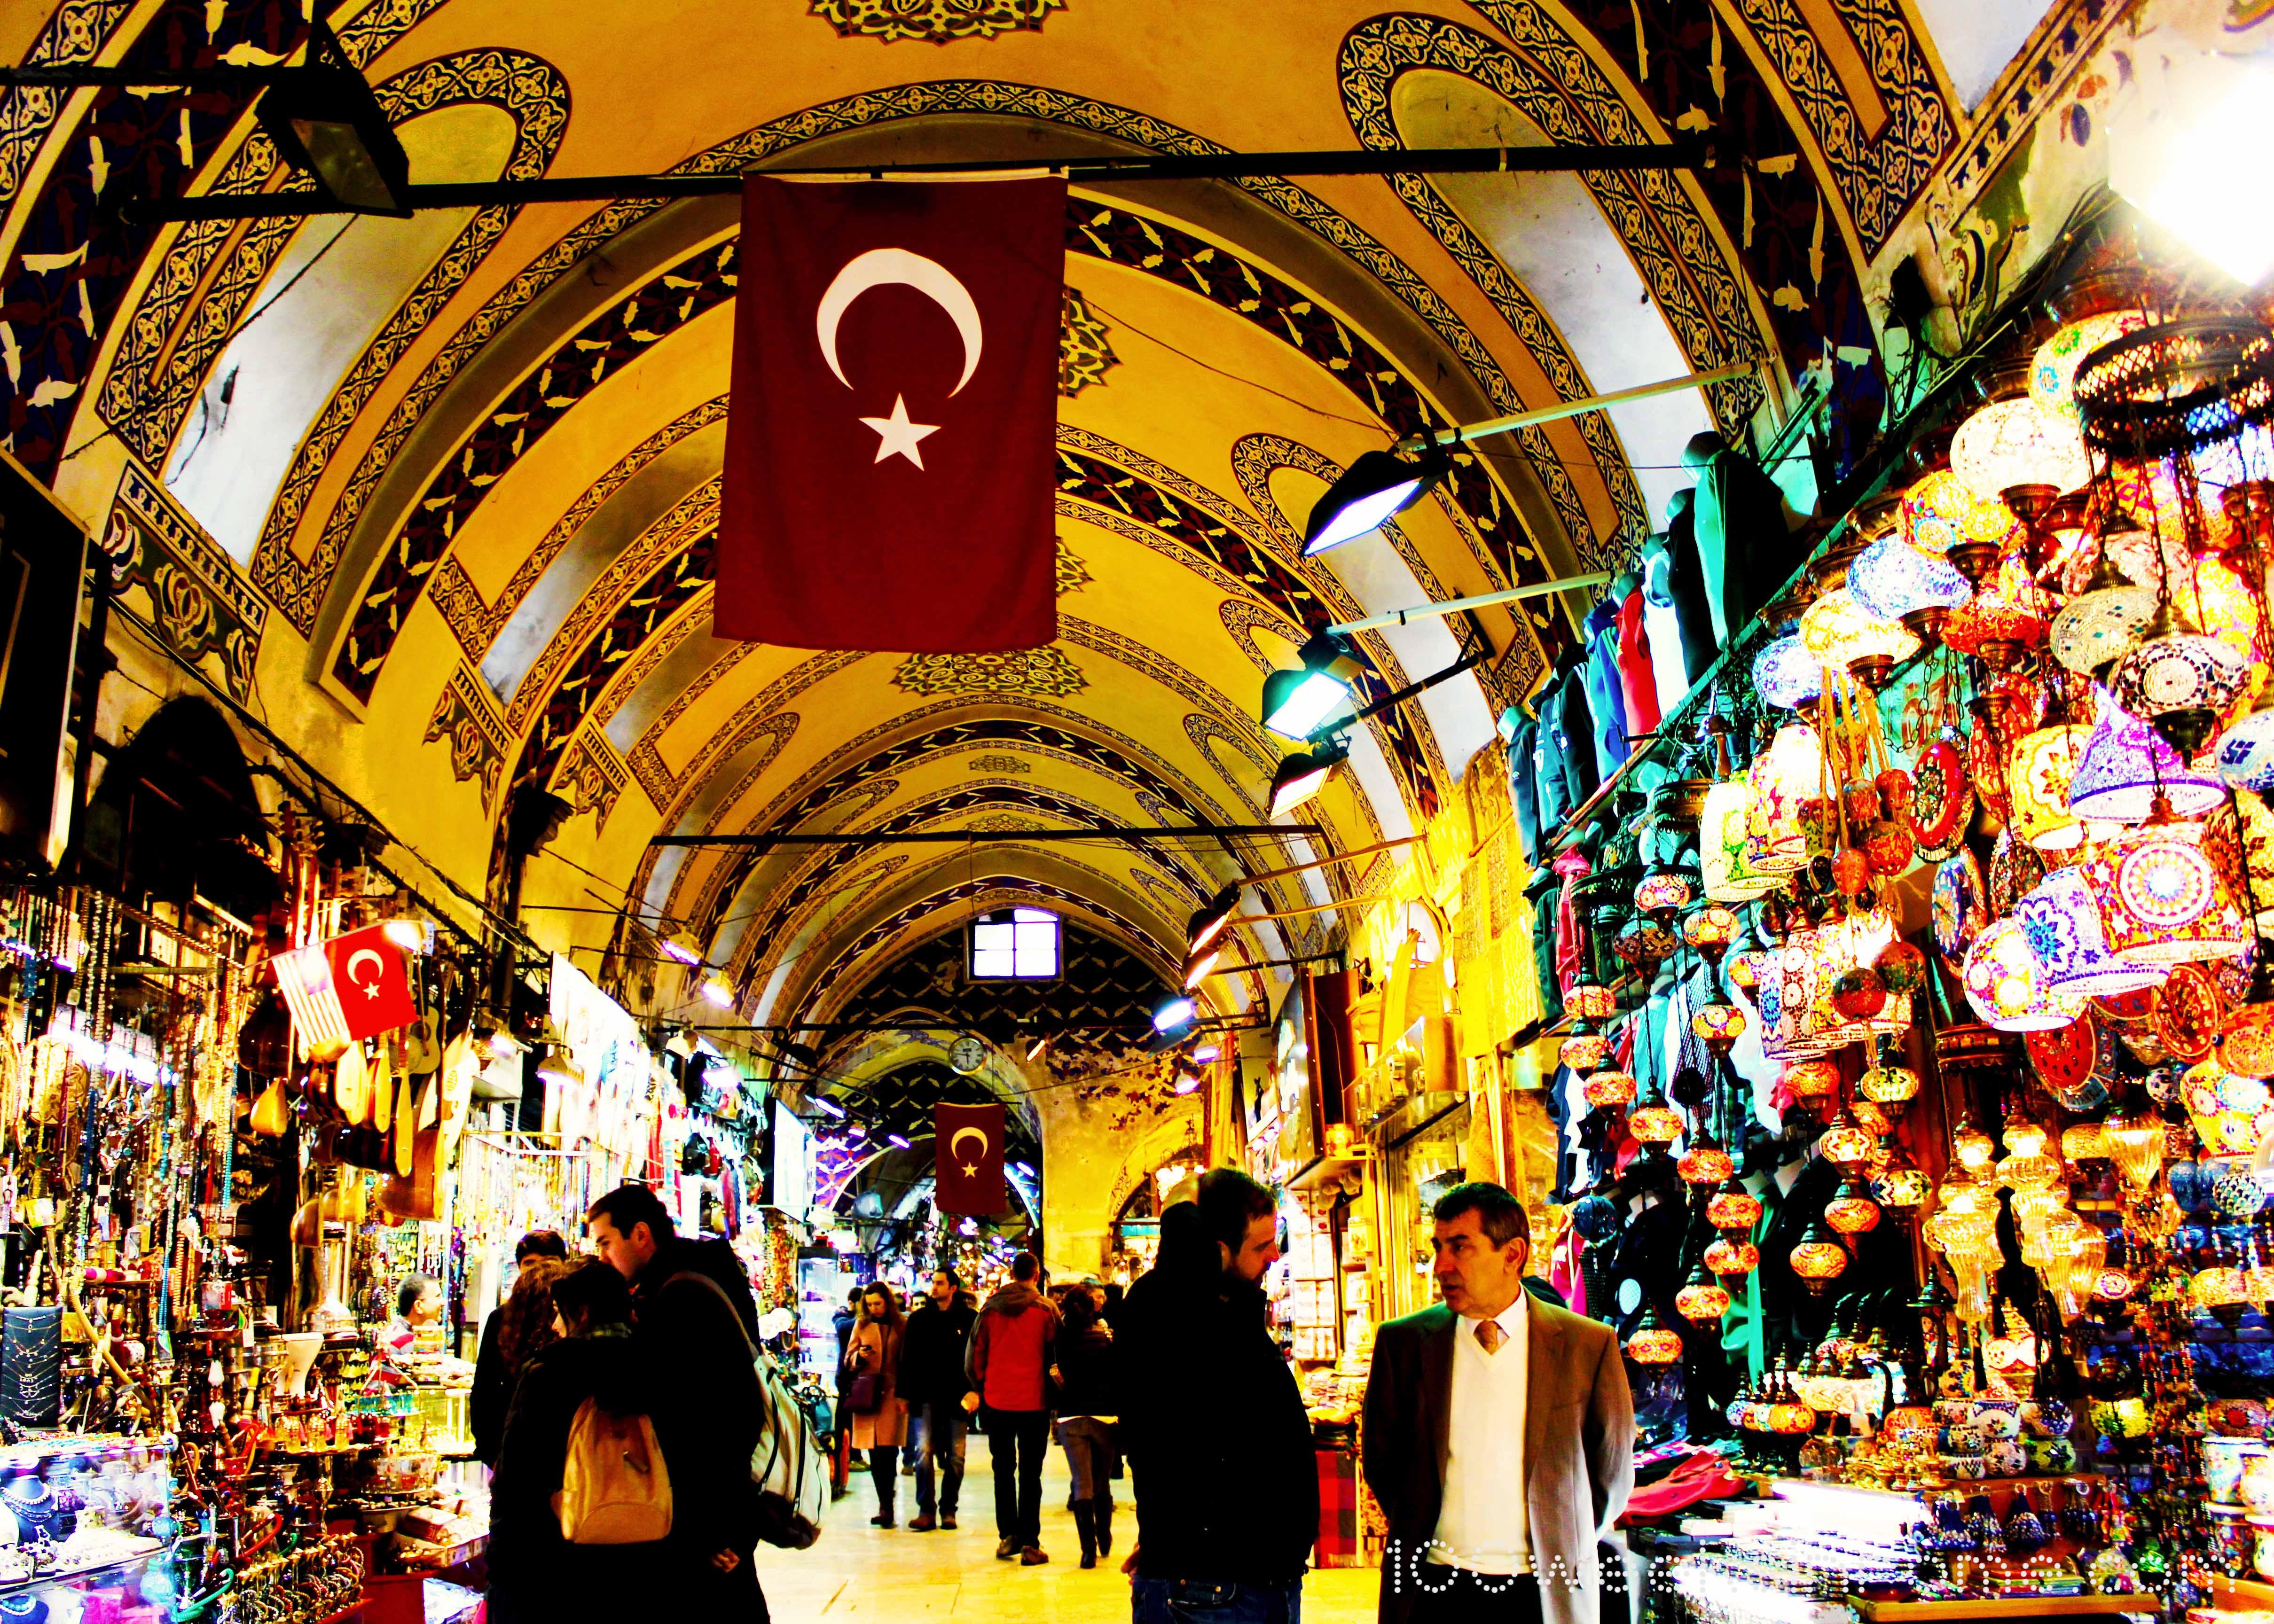 Гранд-базар: что увидеть во время тура в турцию